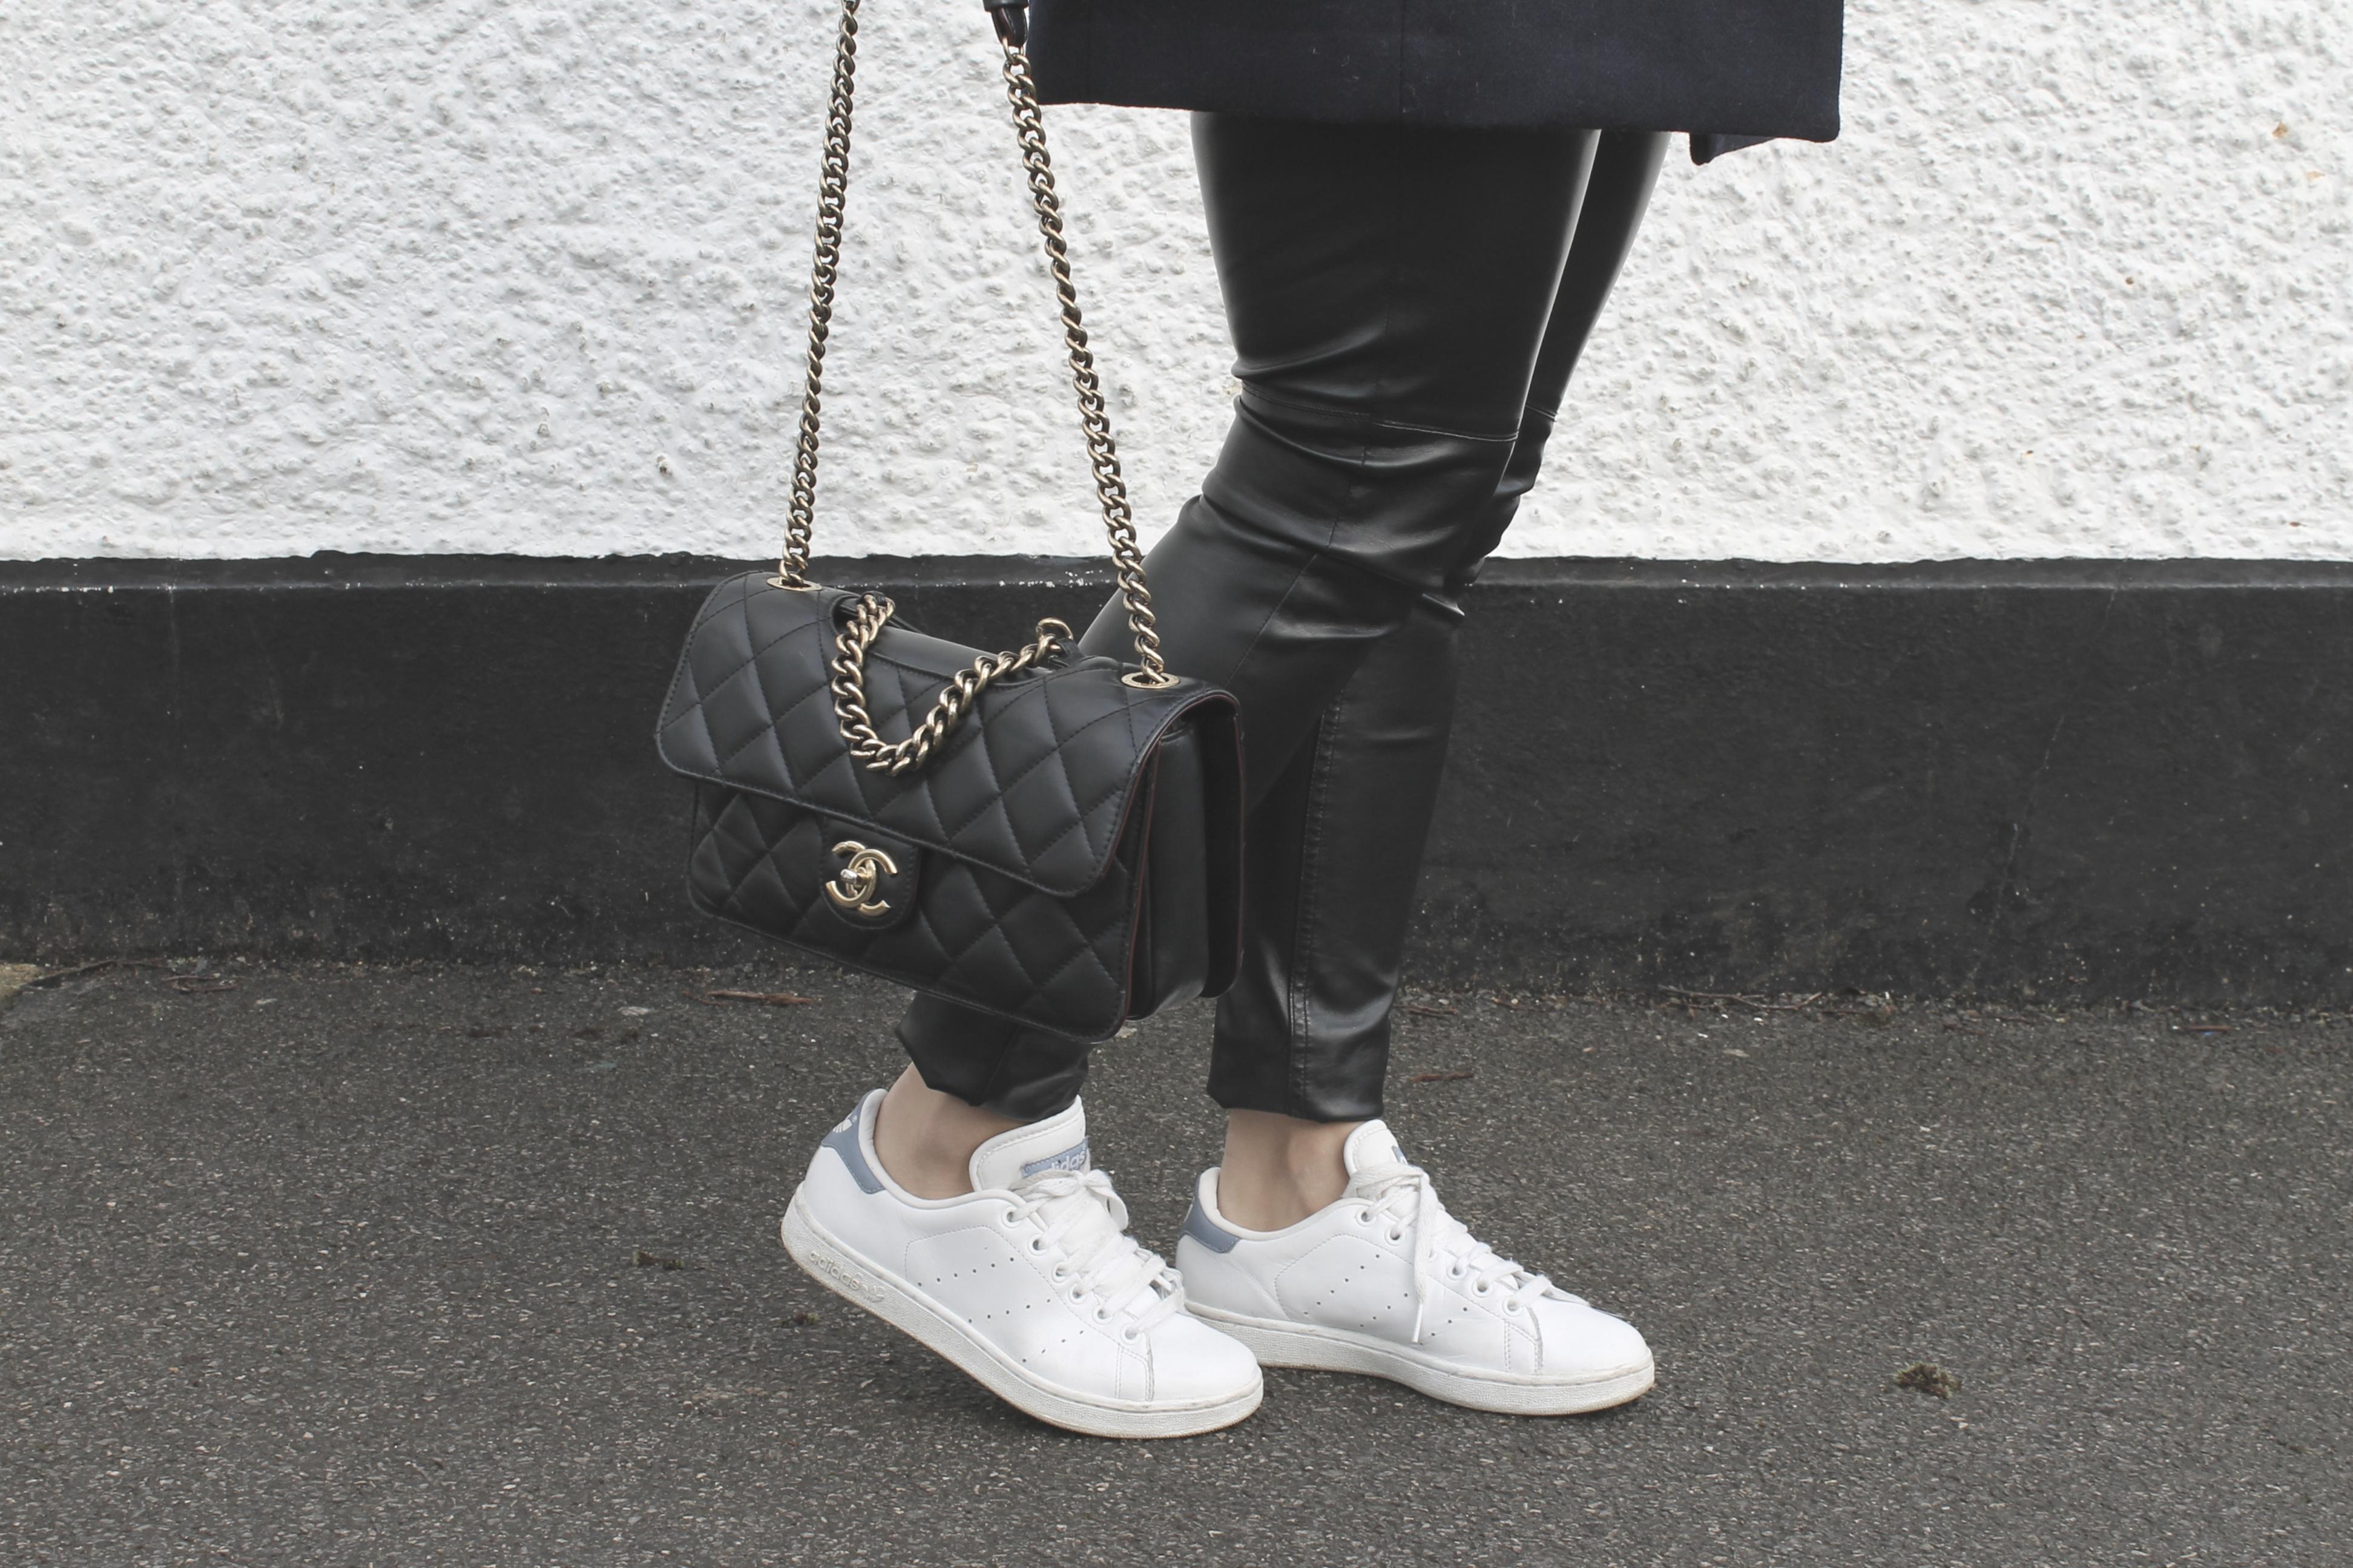 Stan Smith Adidas Tumblr